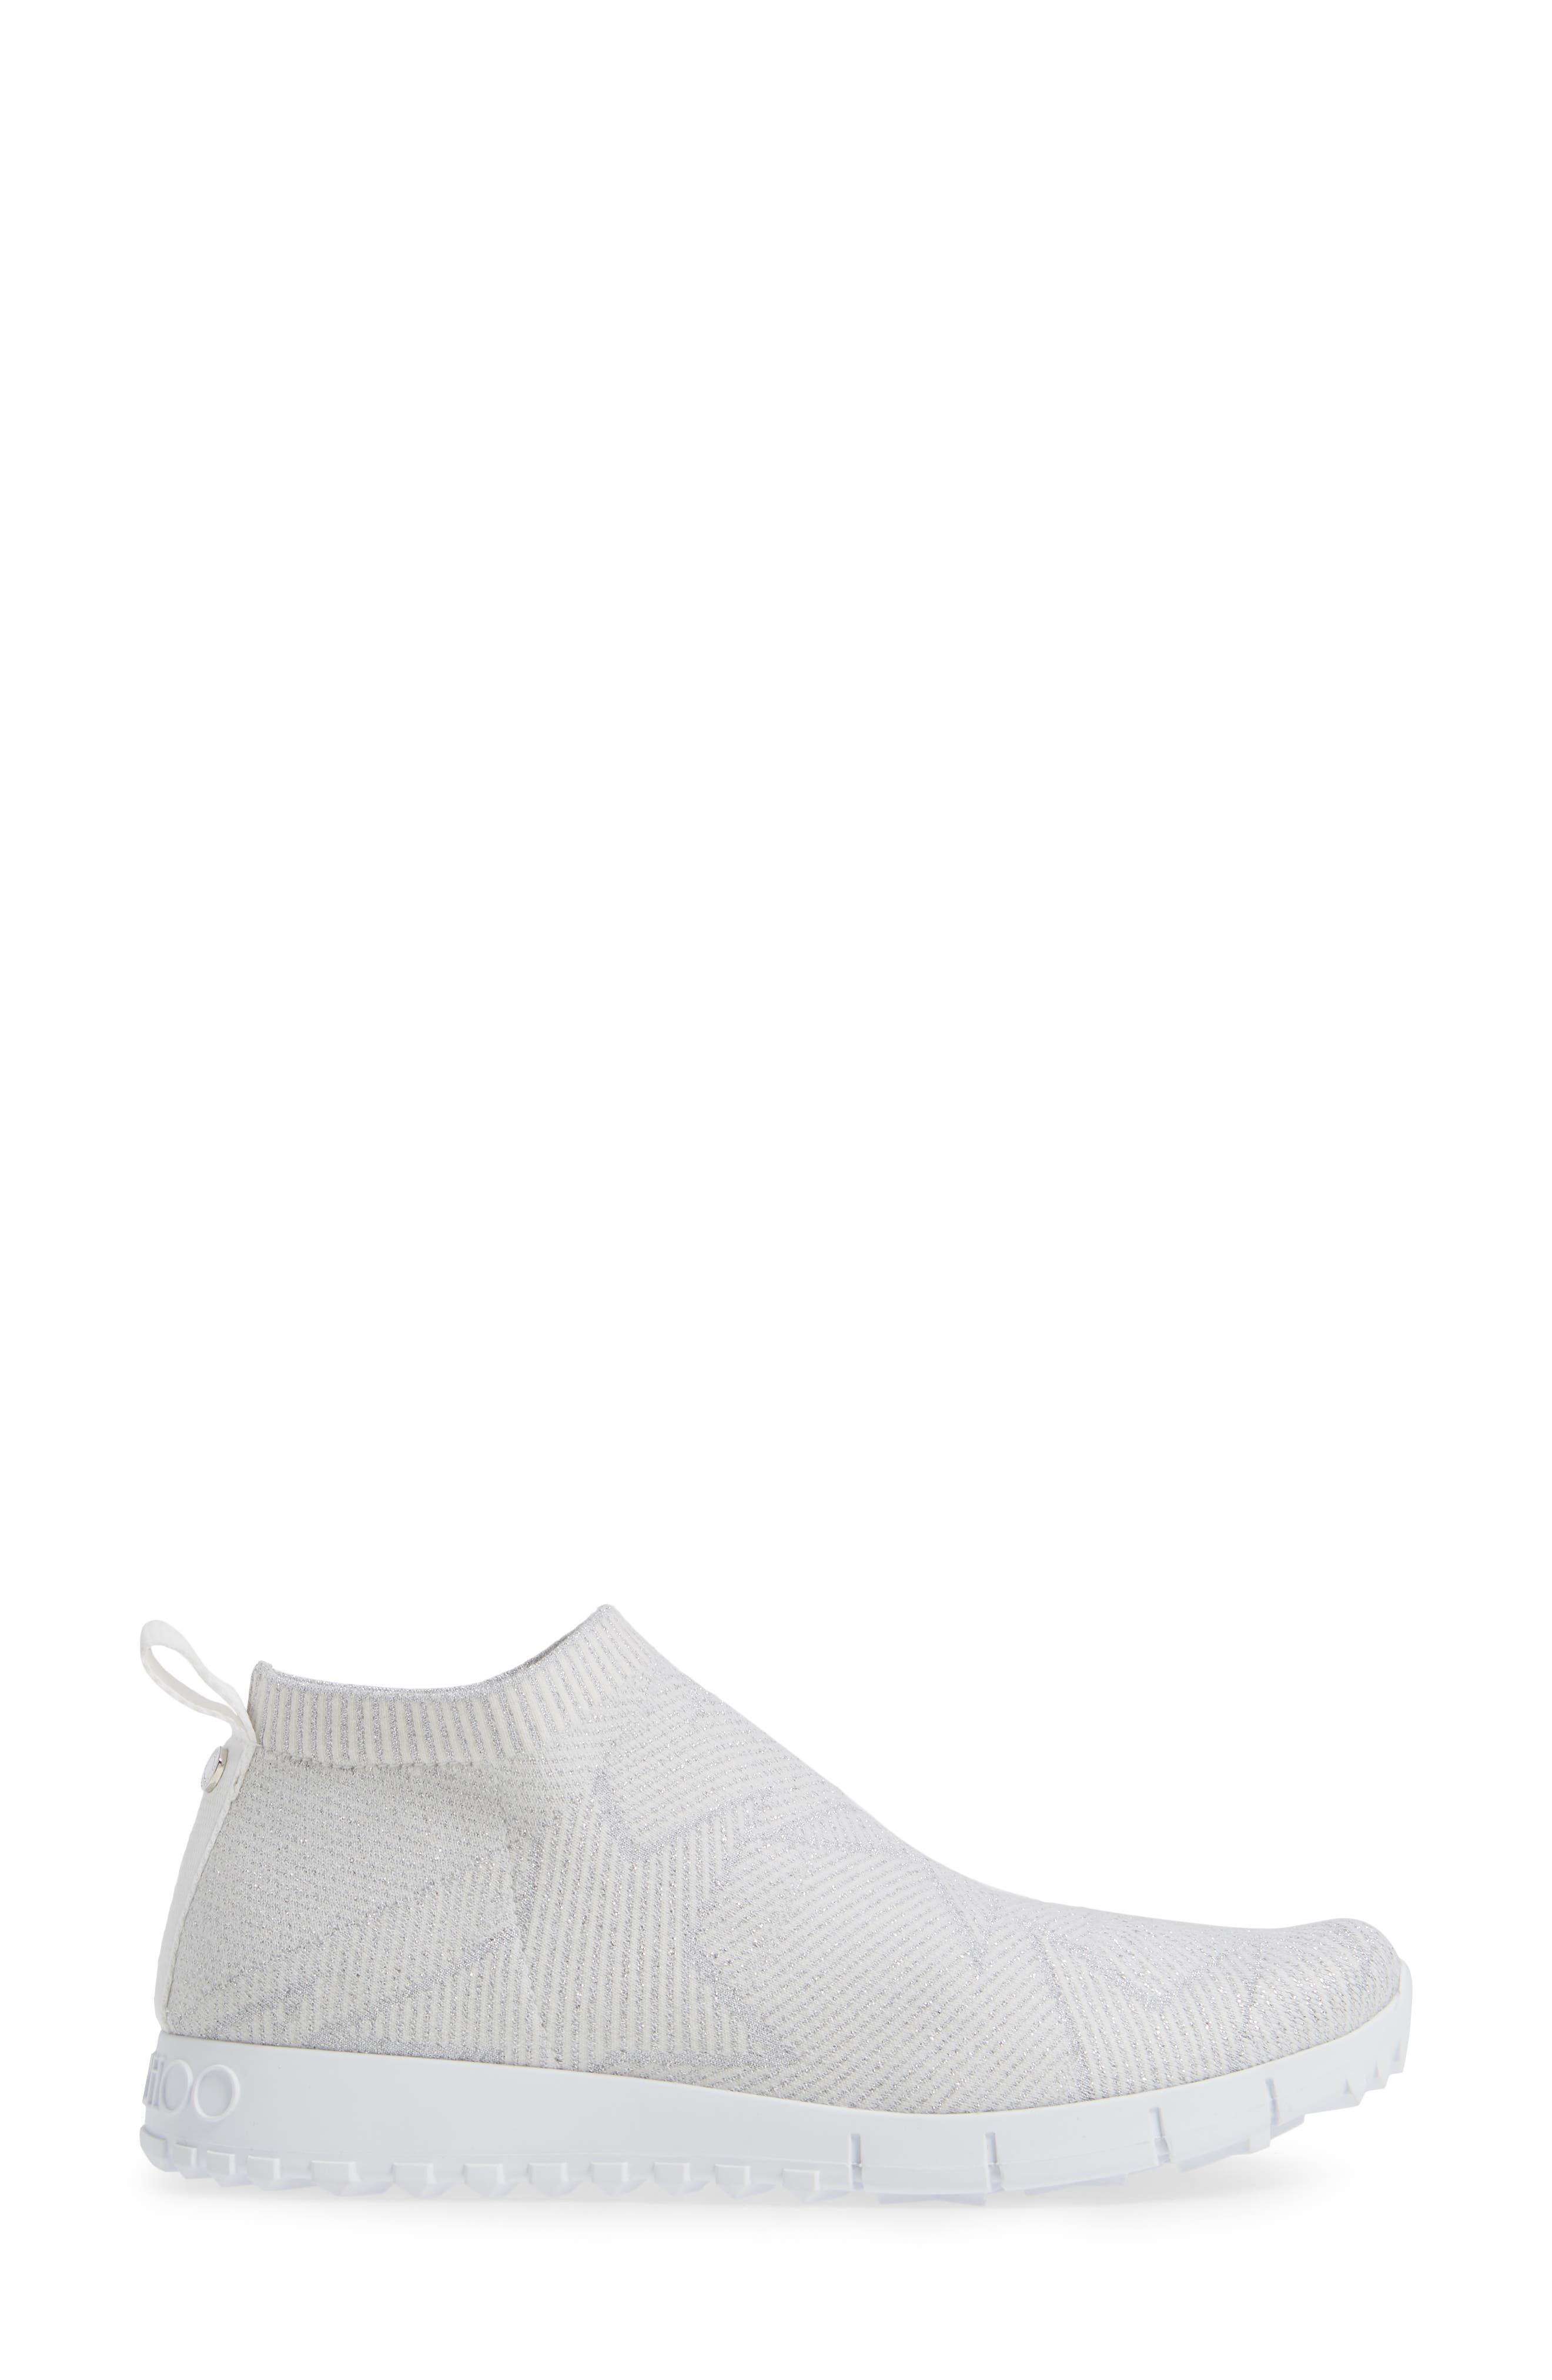 Norway Star Slip-On Sneaker,                             Alternate thumbnail 3, color,                             WHITE